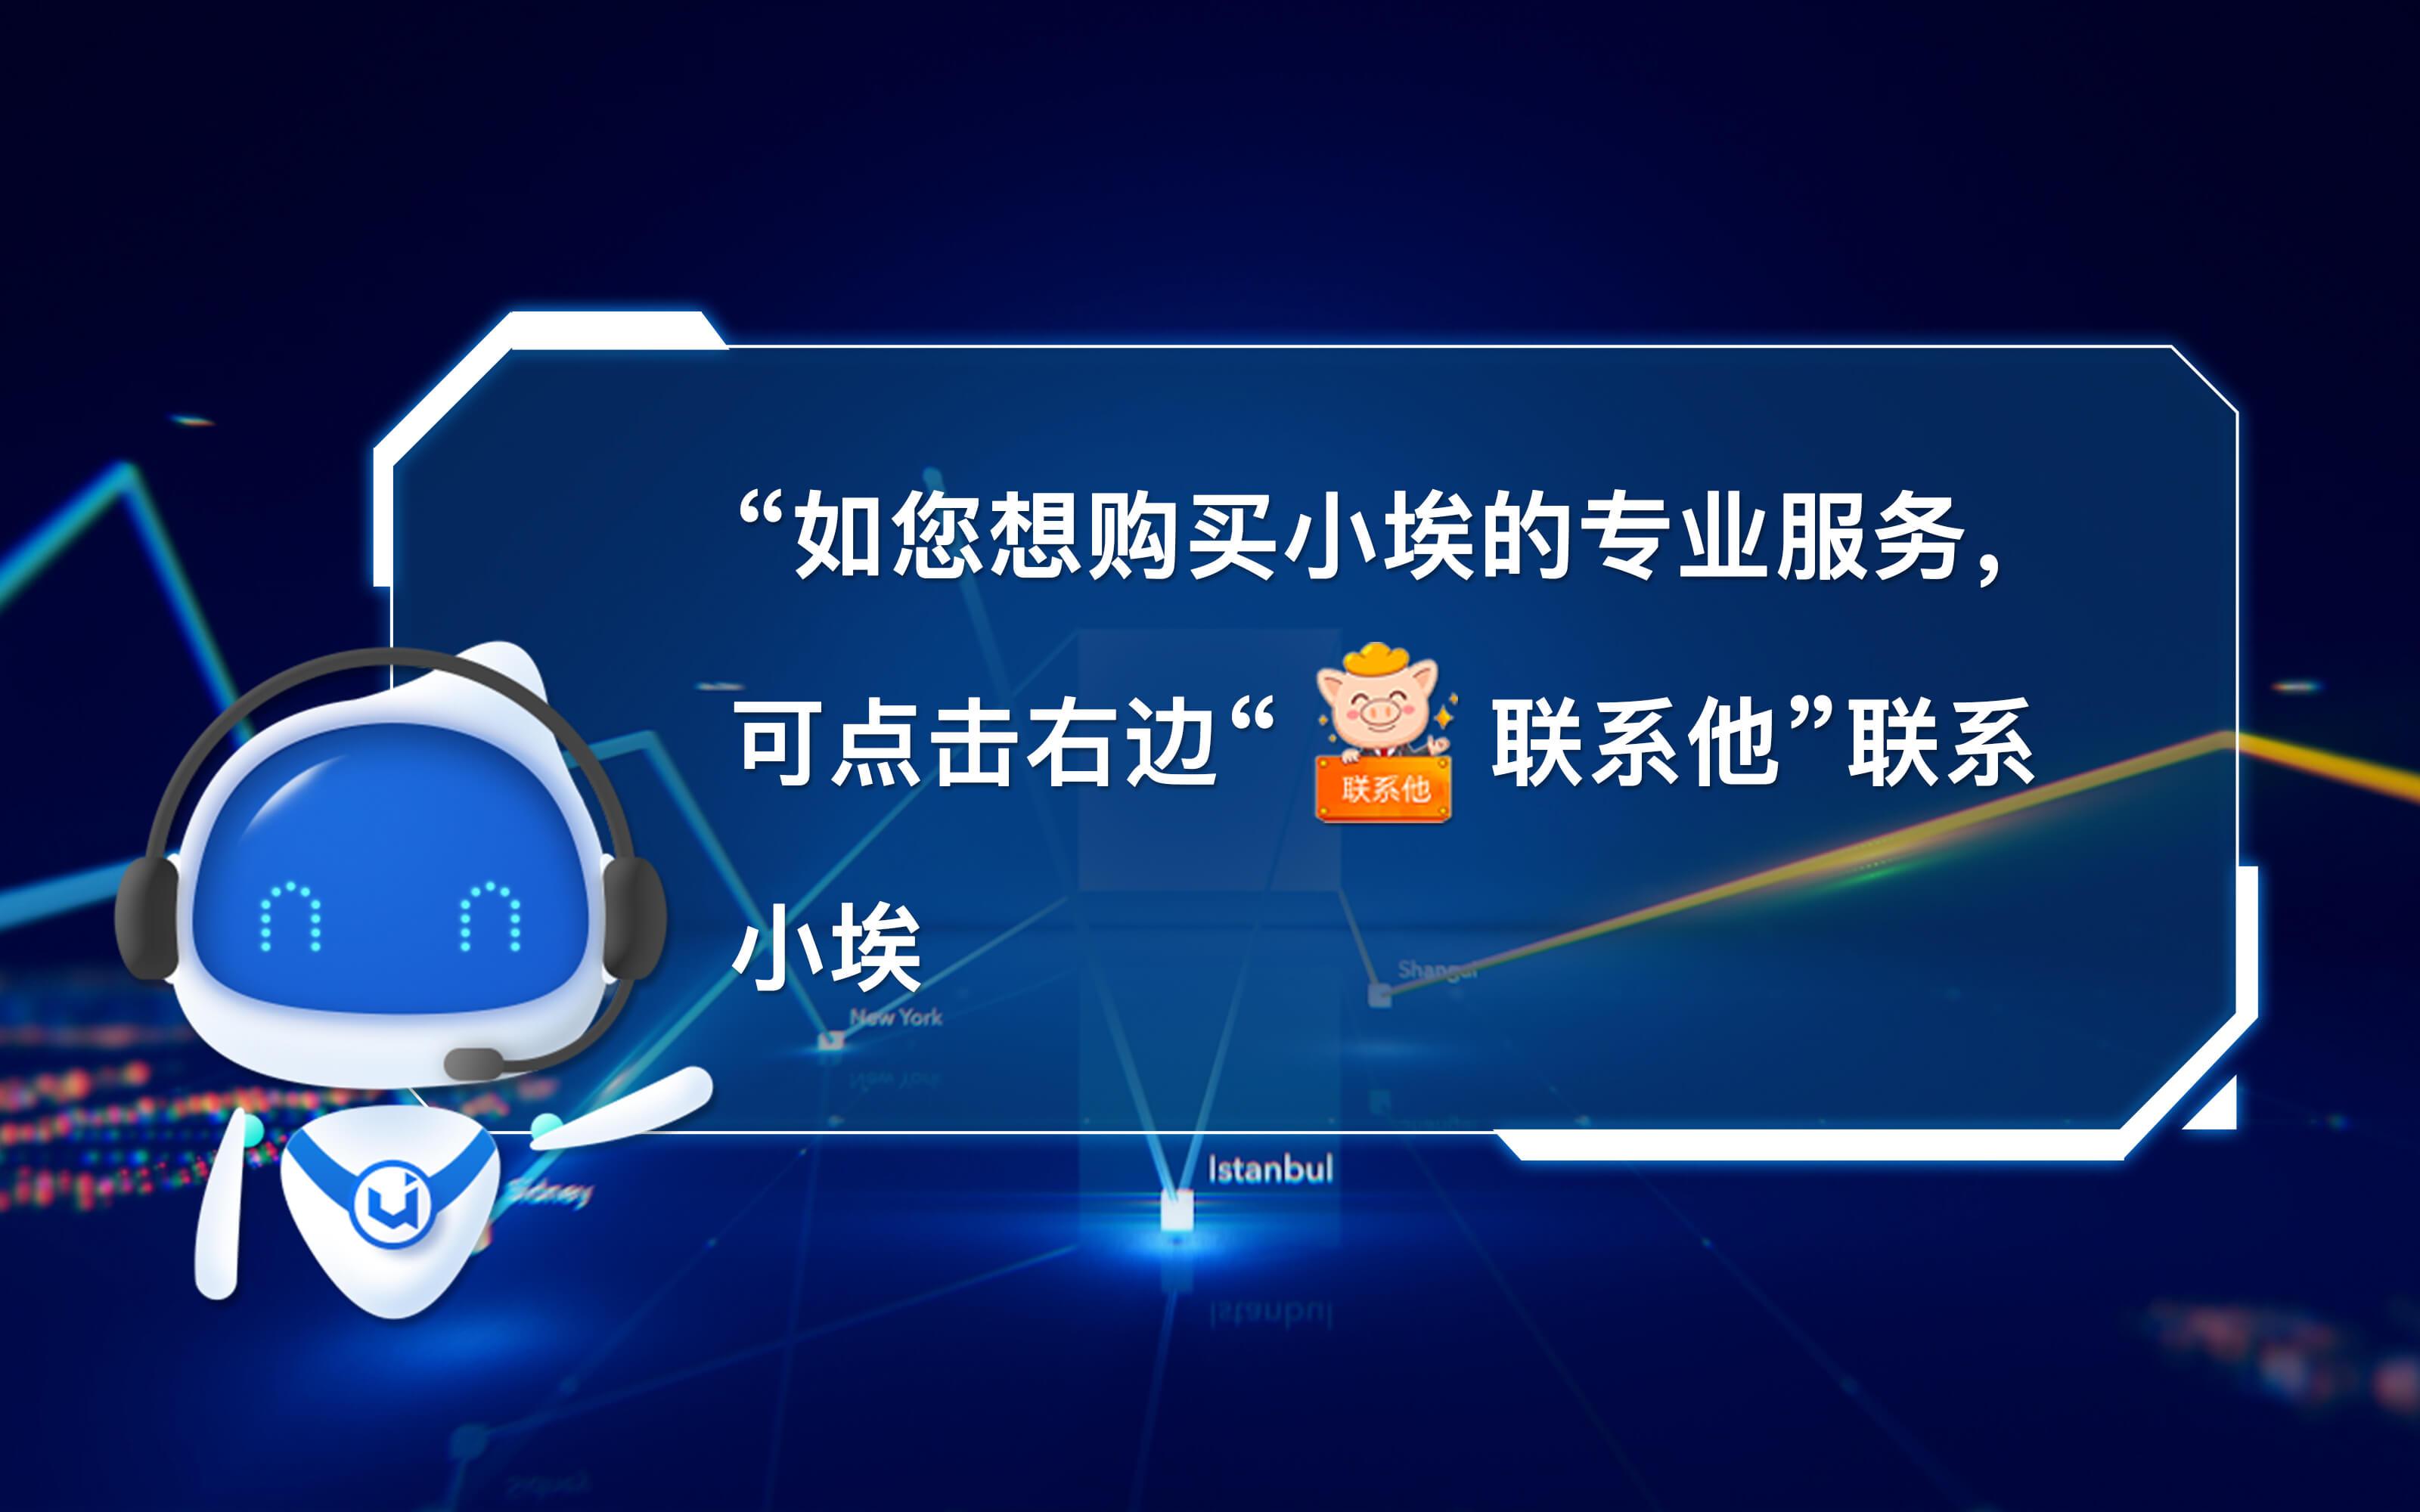 网约车 网约车类app开发类似滴滴专车